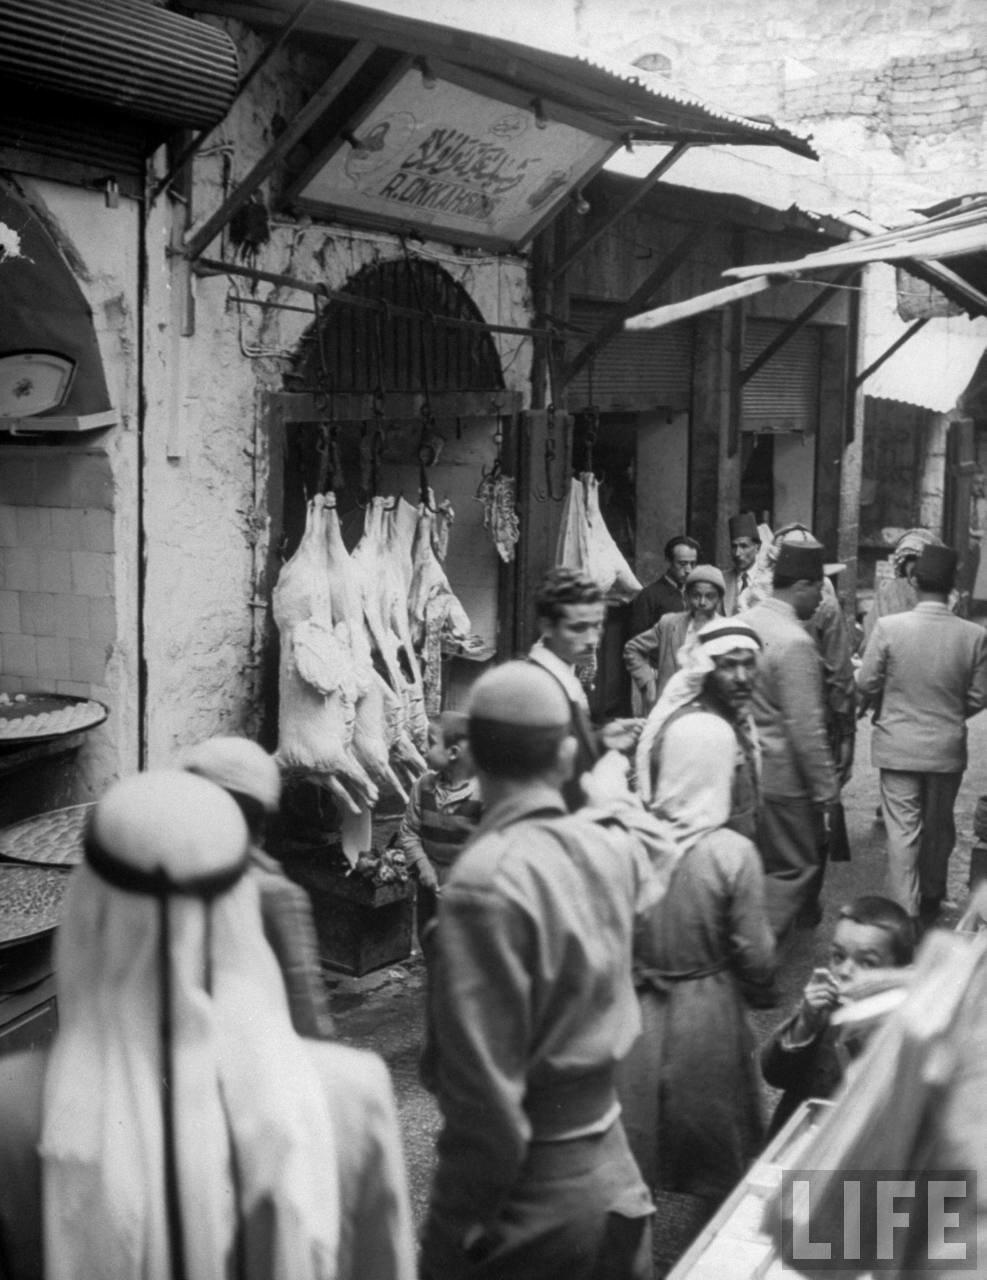 1948. Хлеб и мясо продаются на открытом воздухе на улице в старой части Иерусалима